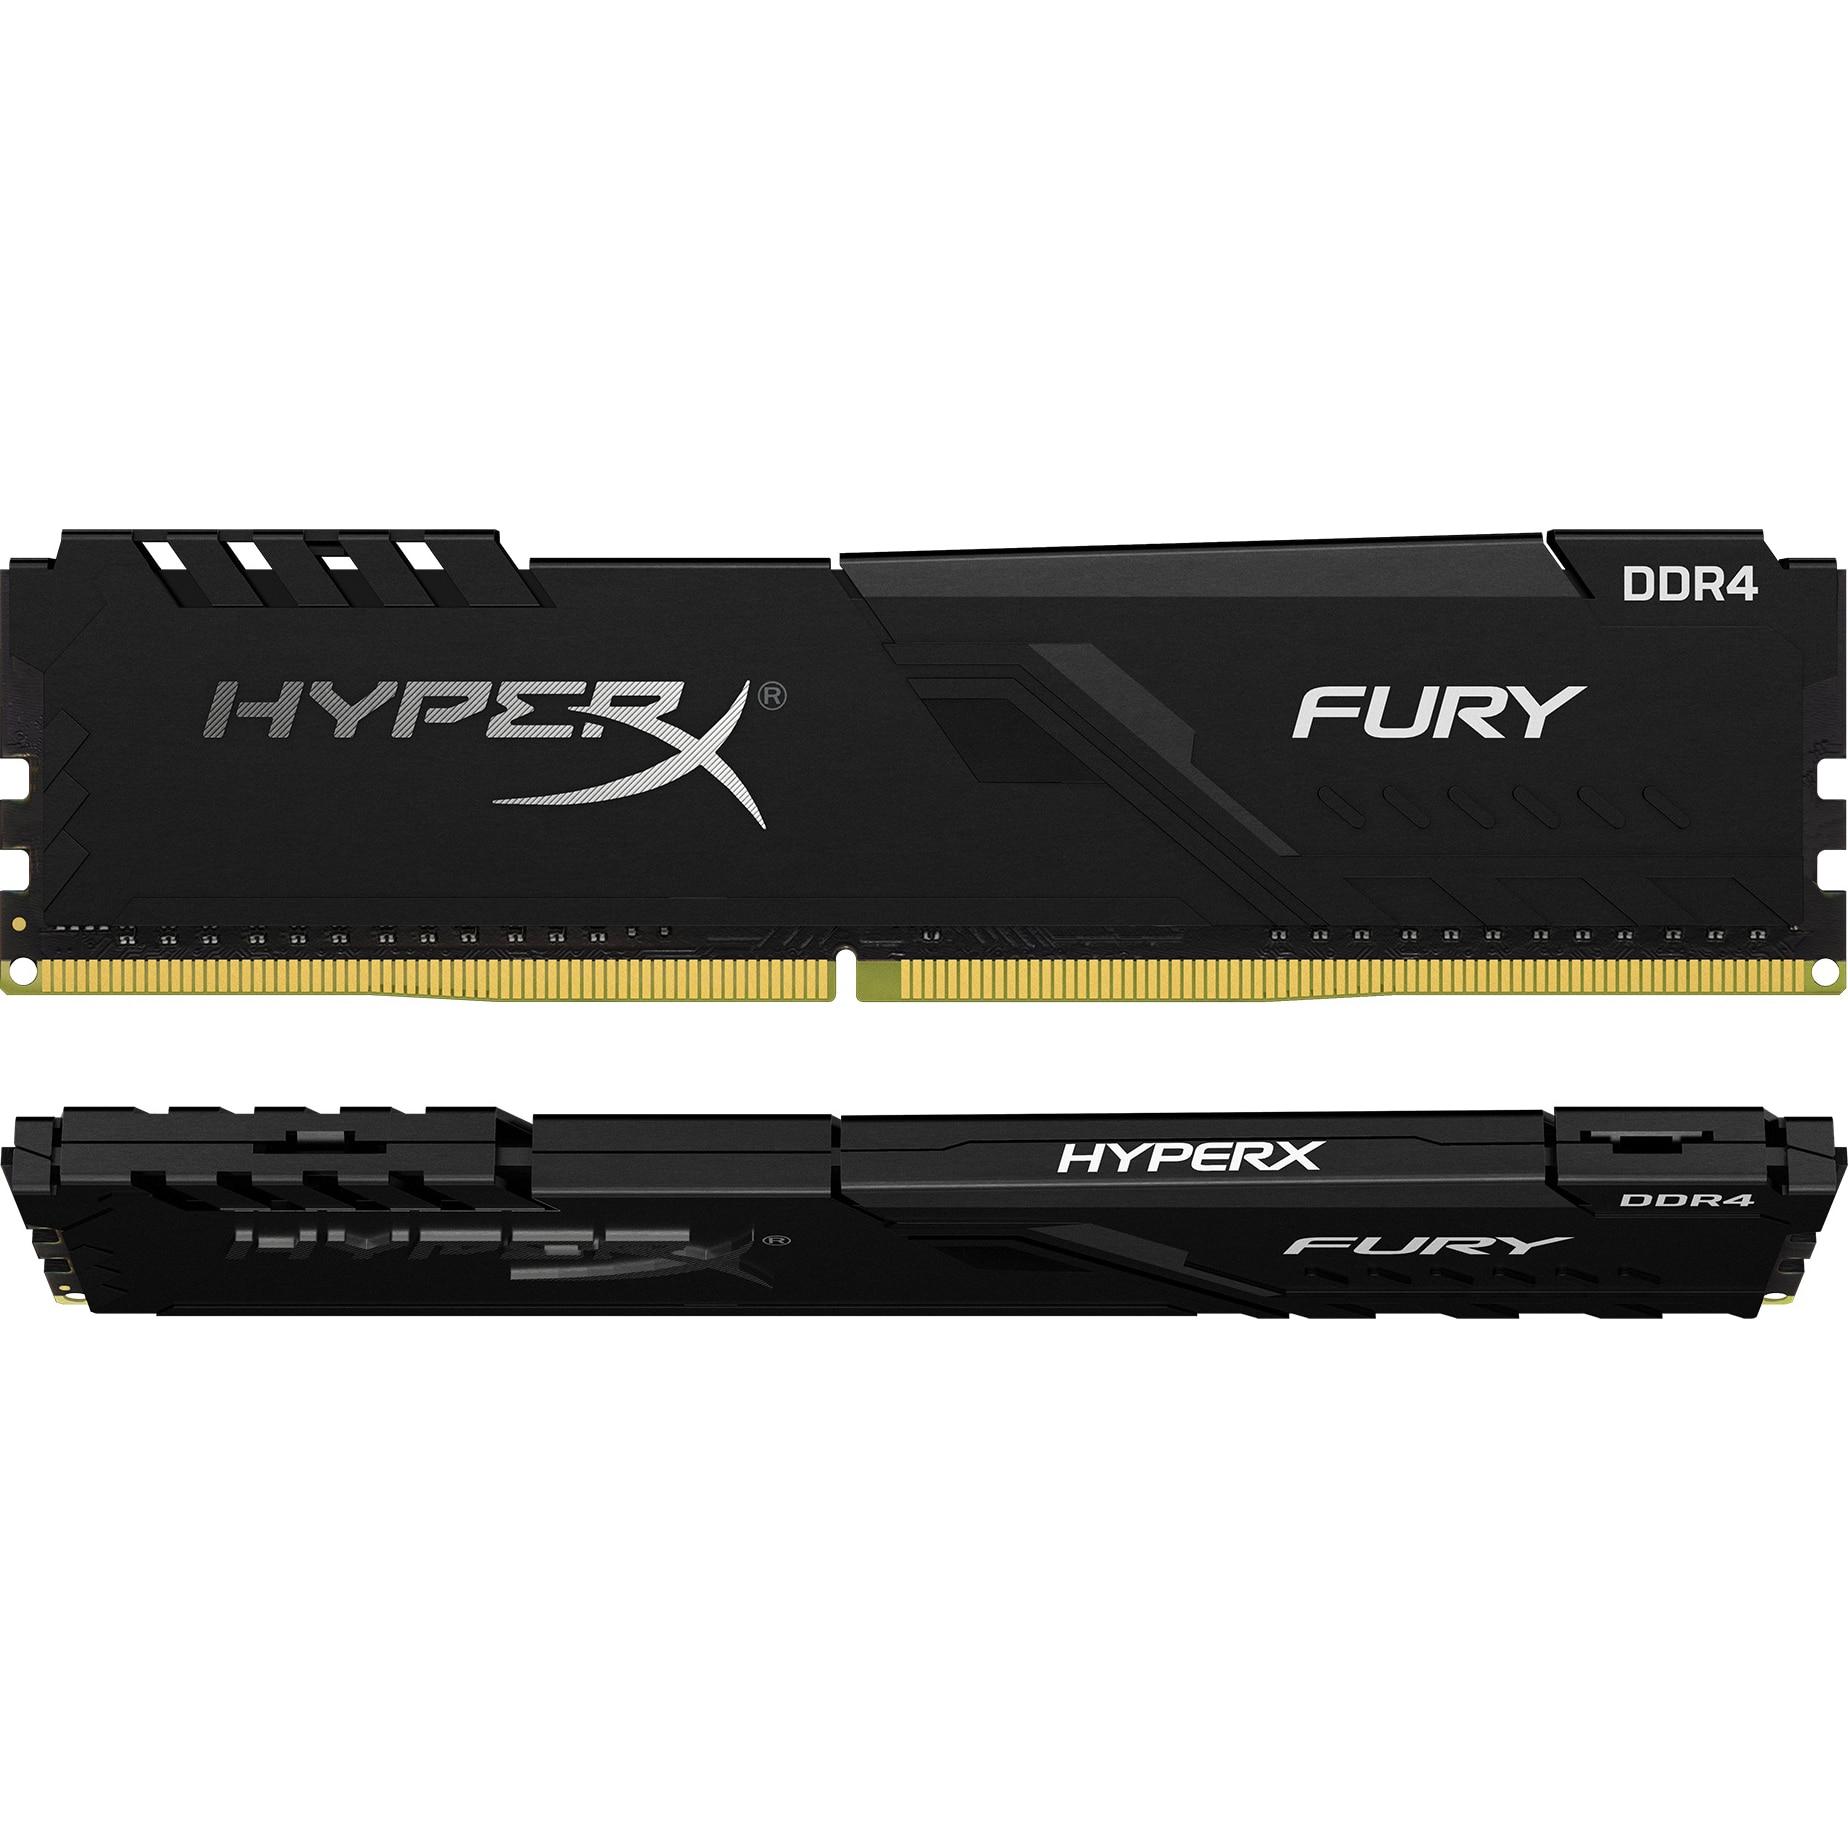 Fotografie Memorie HyperX Fury Black 32GB (2x16GB), DDR4, 2666MHz, CL16, 1.2V